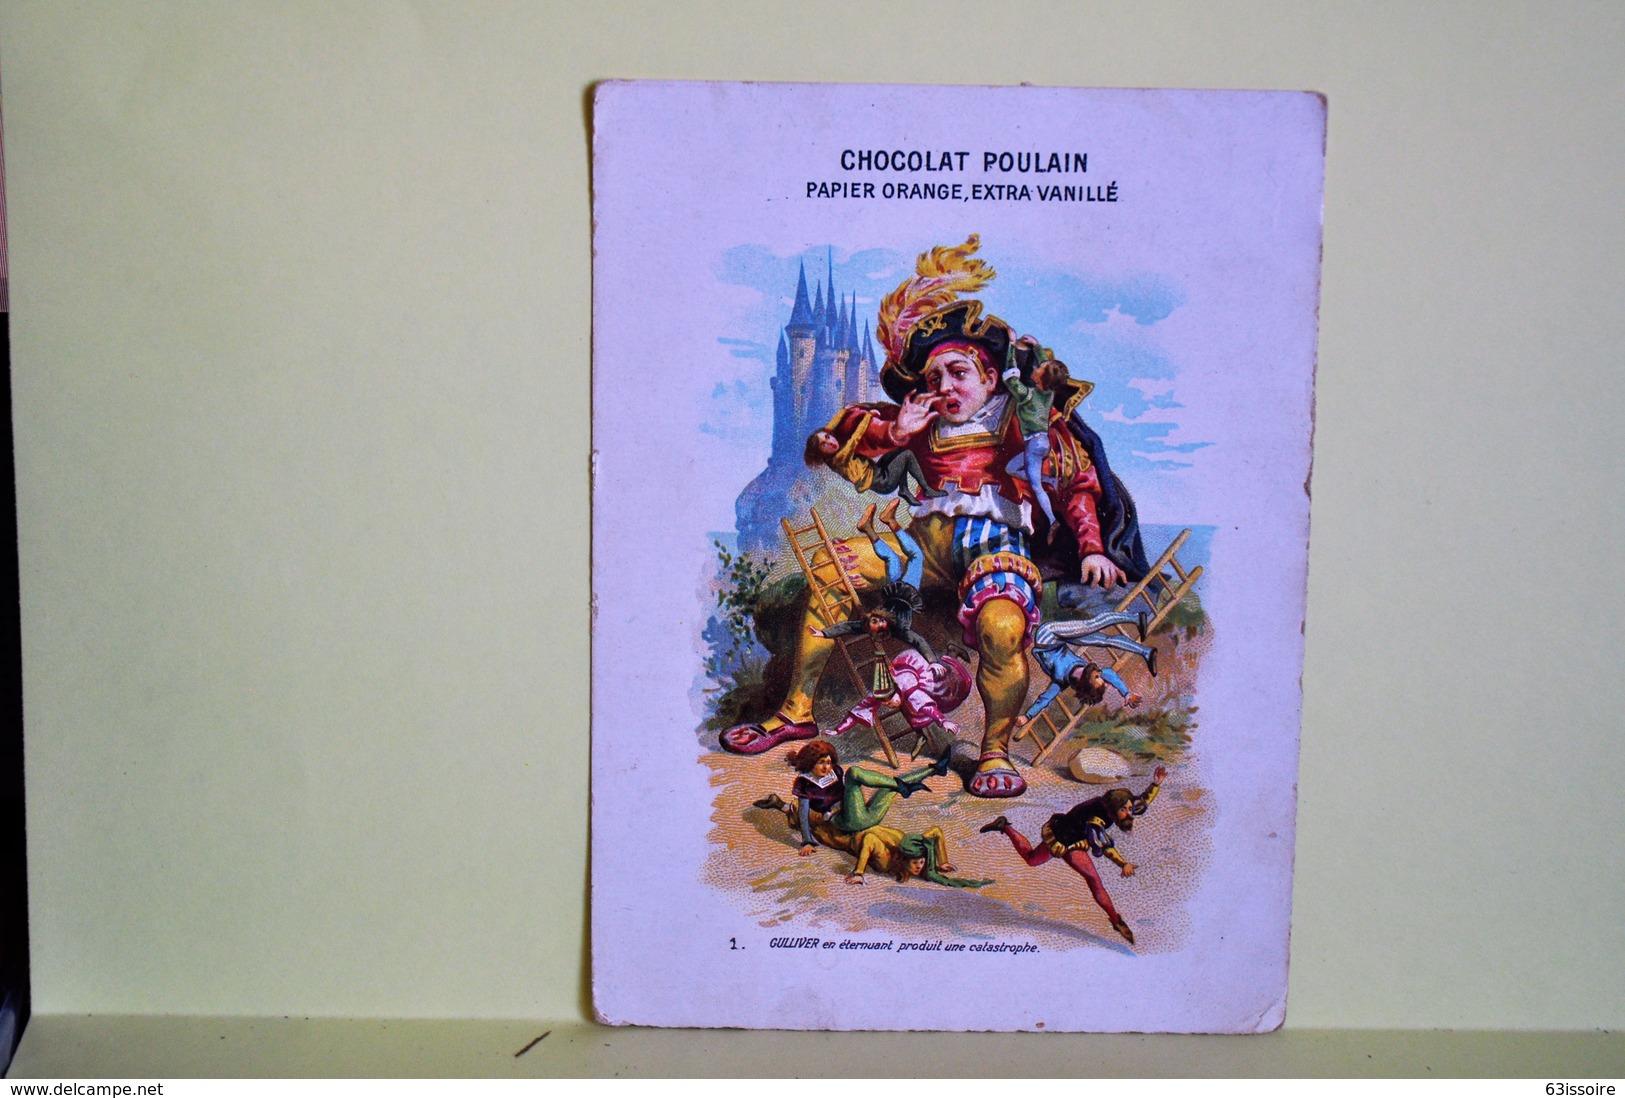 CHOCOLAT POULAIN 1 CHROMO Gulliver 1 - Poulain